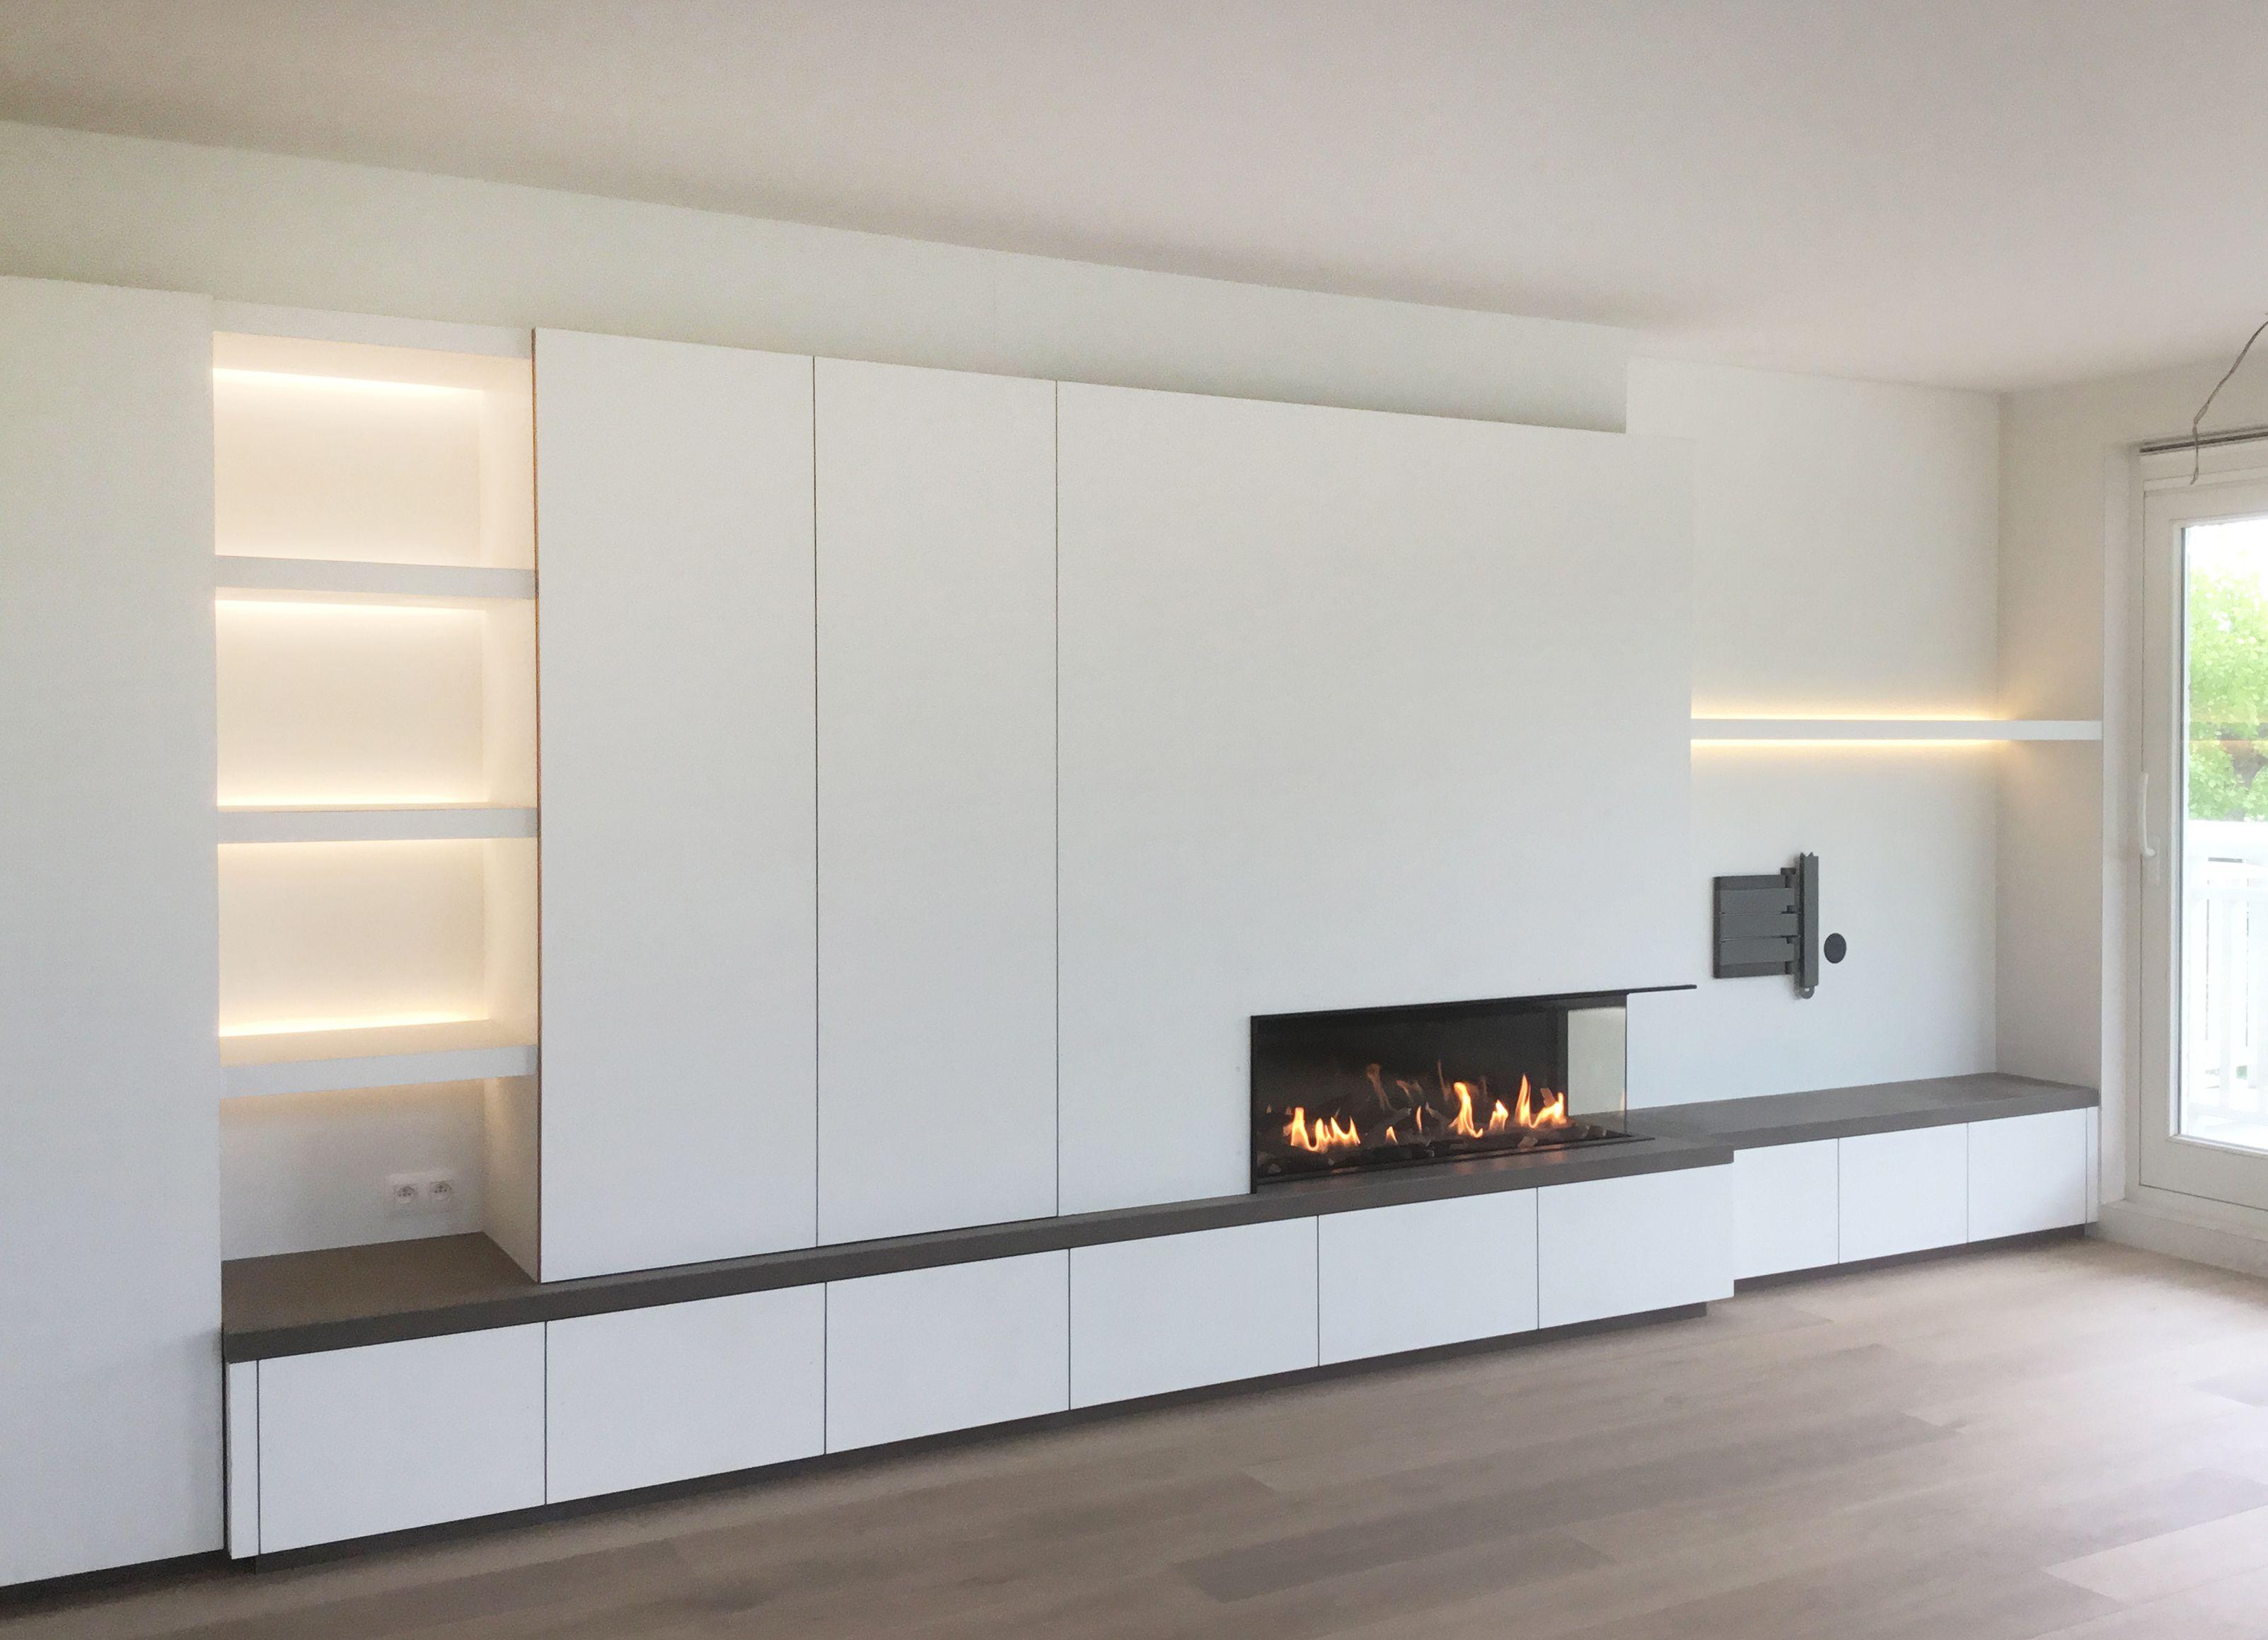 Verbazingwekkend Pin van Thomas Stockx op House in 2020   Gashaard, Interieur KT-02